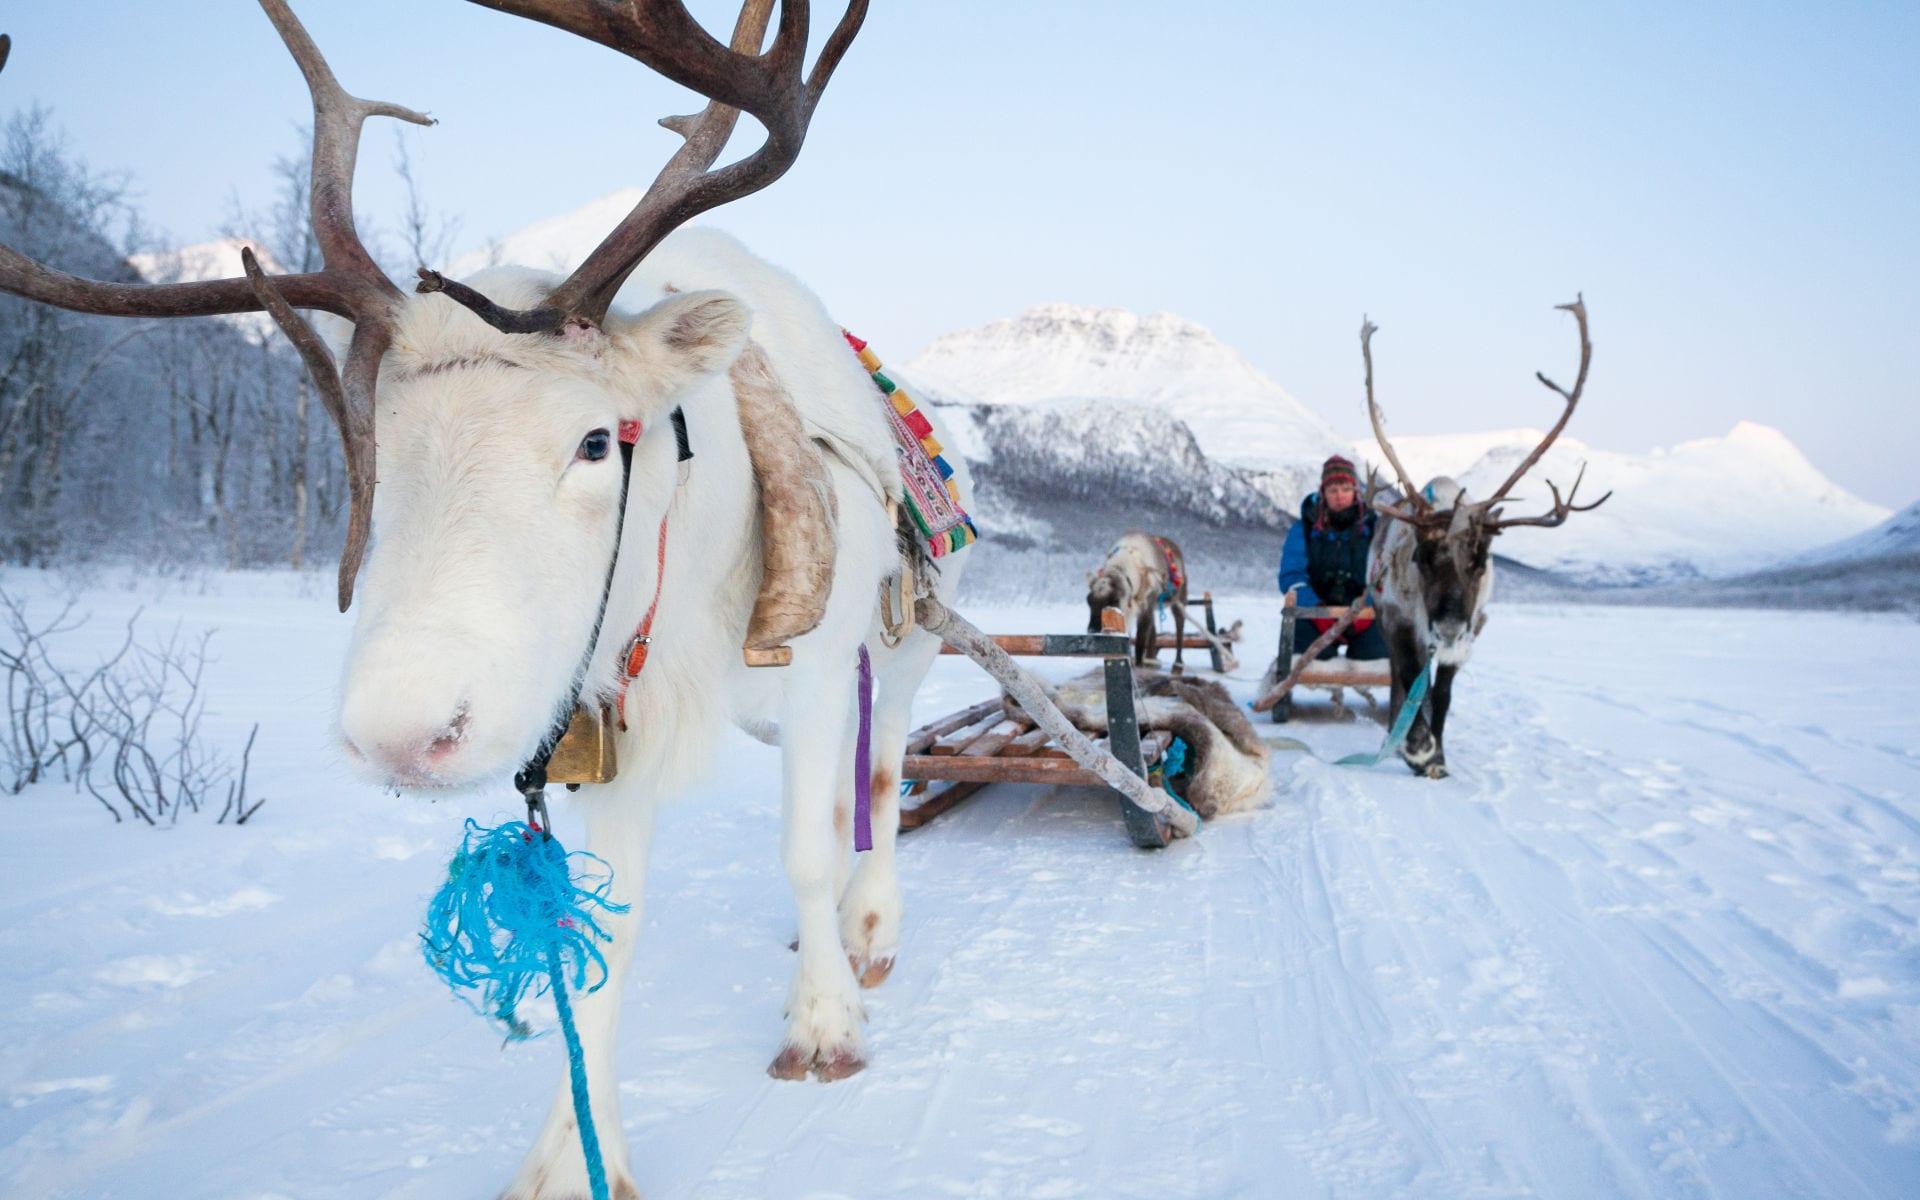 reindeer sledding white reindeer